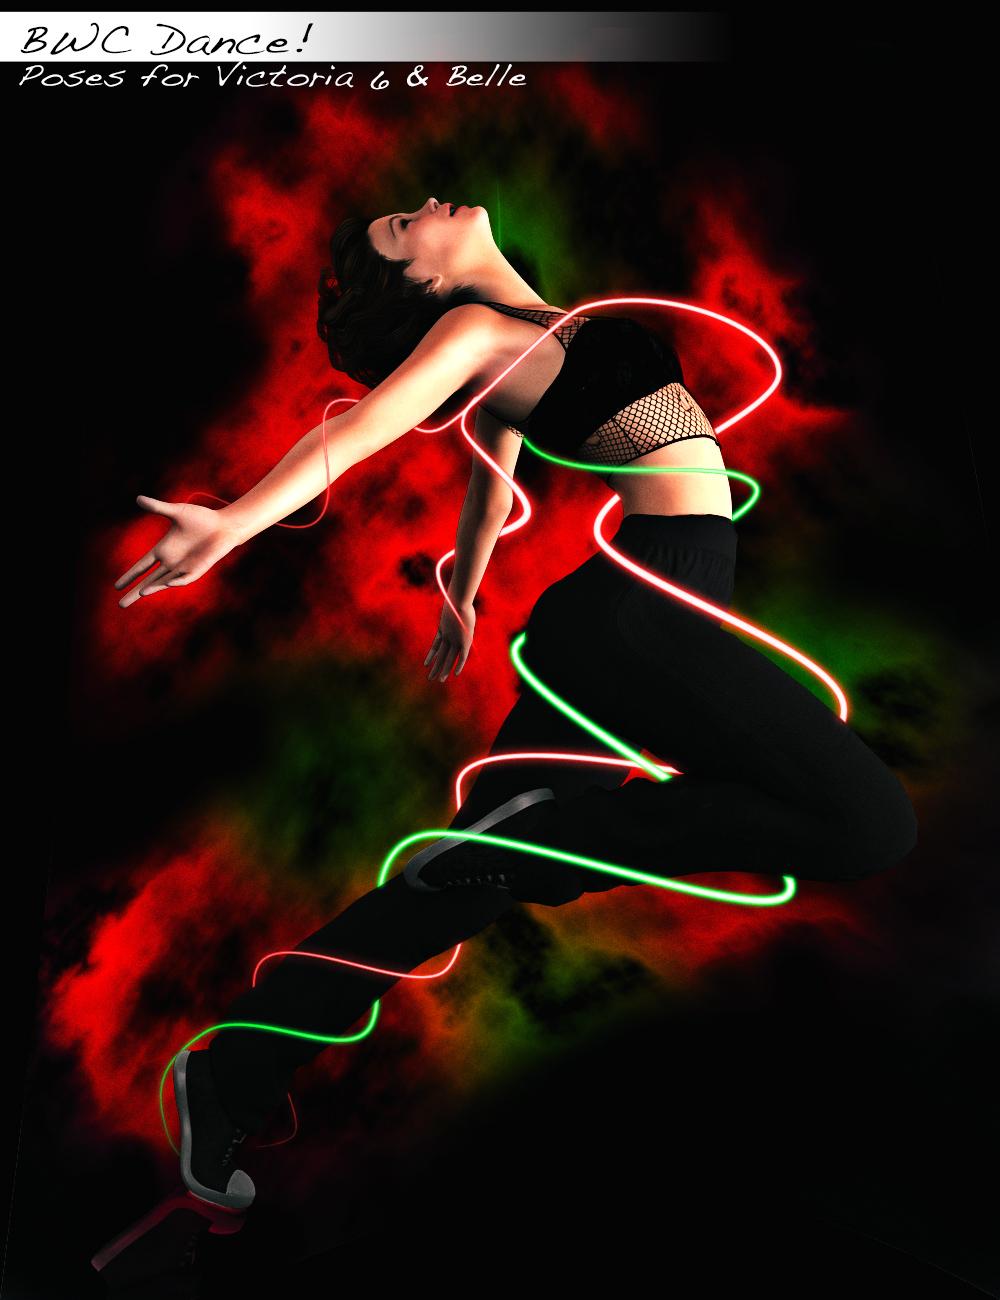 Daz3d Bwc Dance Poses G2f Victoria 6 Belle Popup 3 by Sedorrr